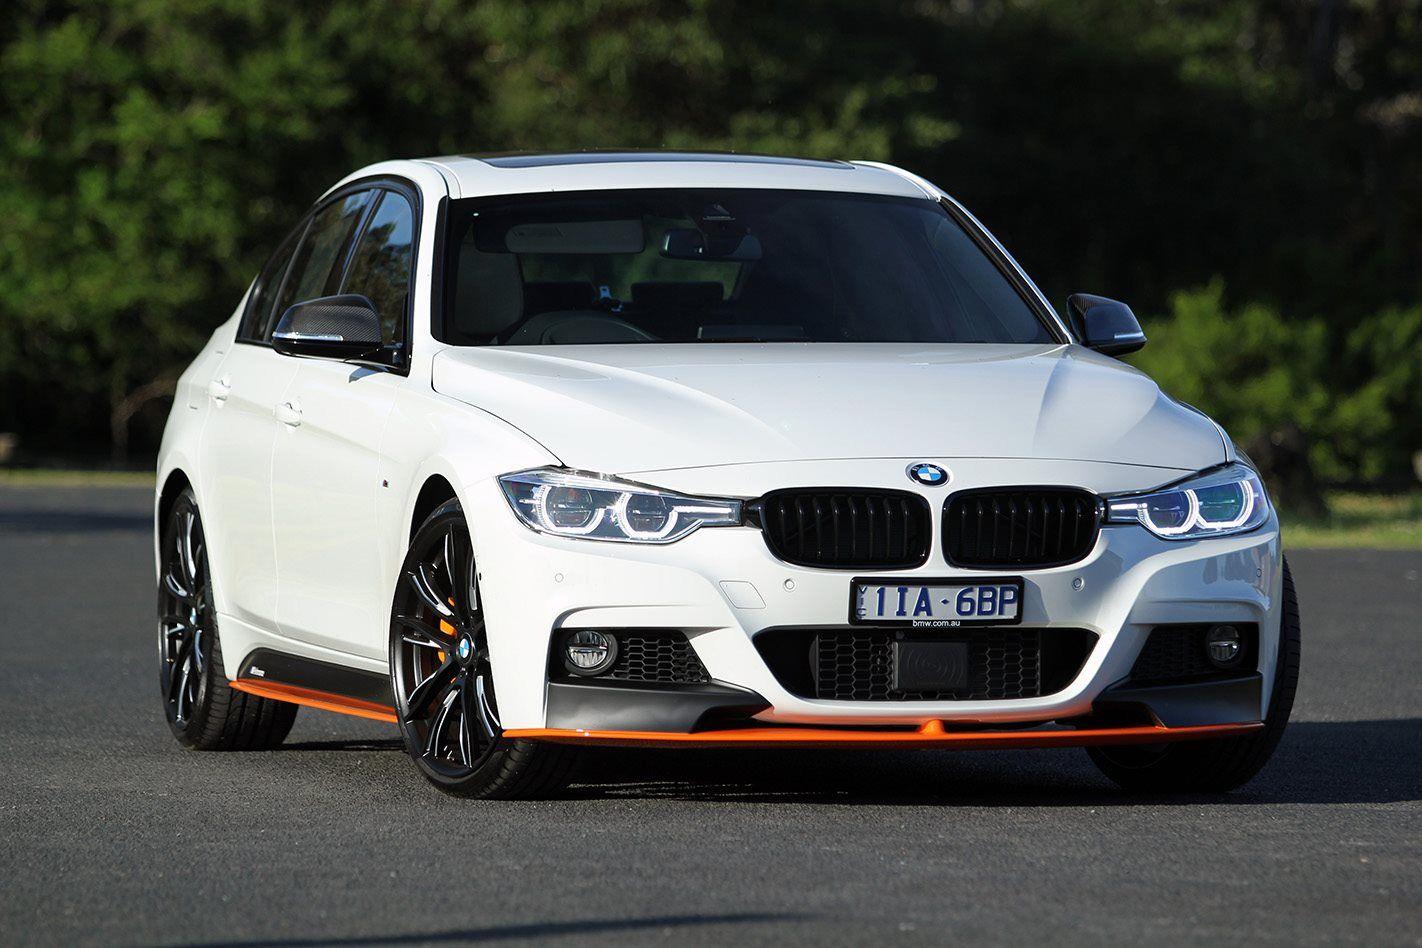 2018 Bmw 340i M Sport Bmw, Bmw car models, Bmw suv